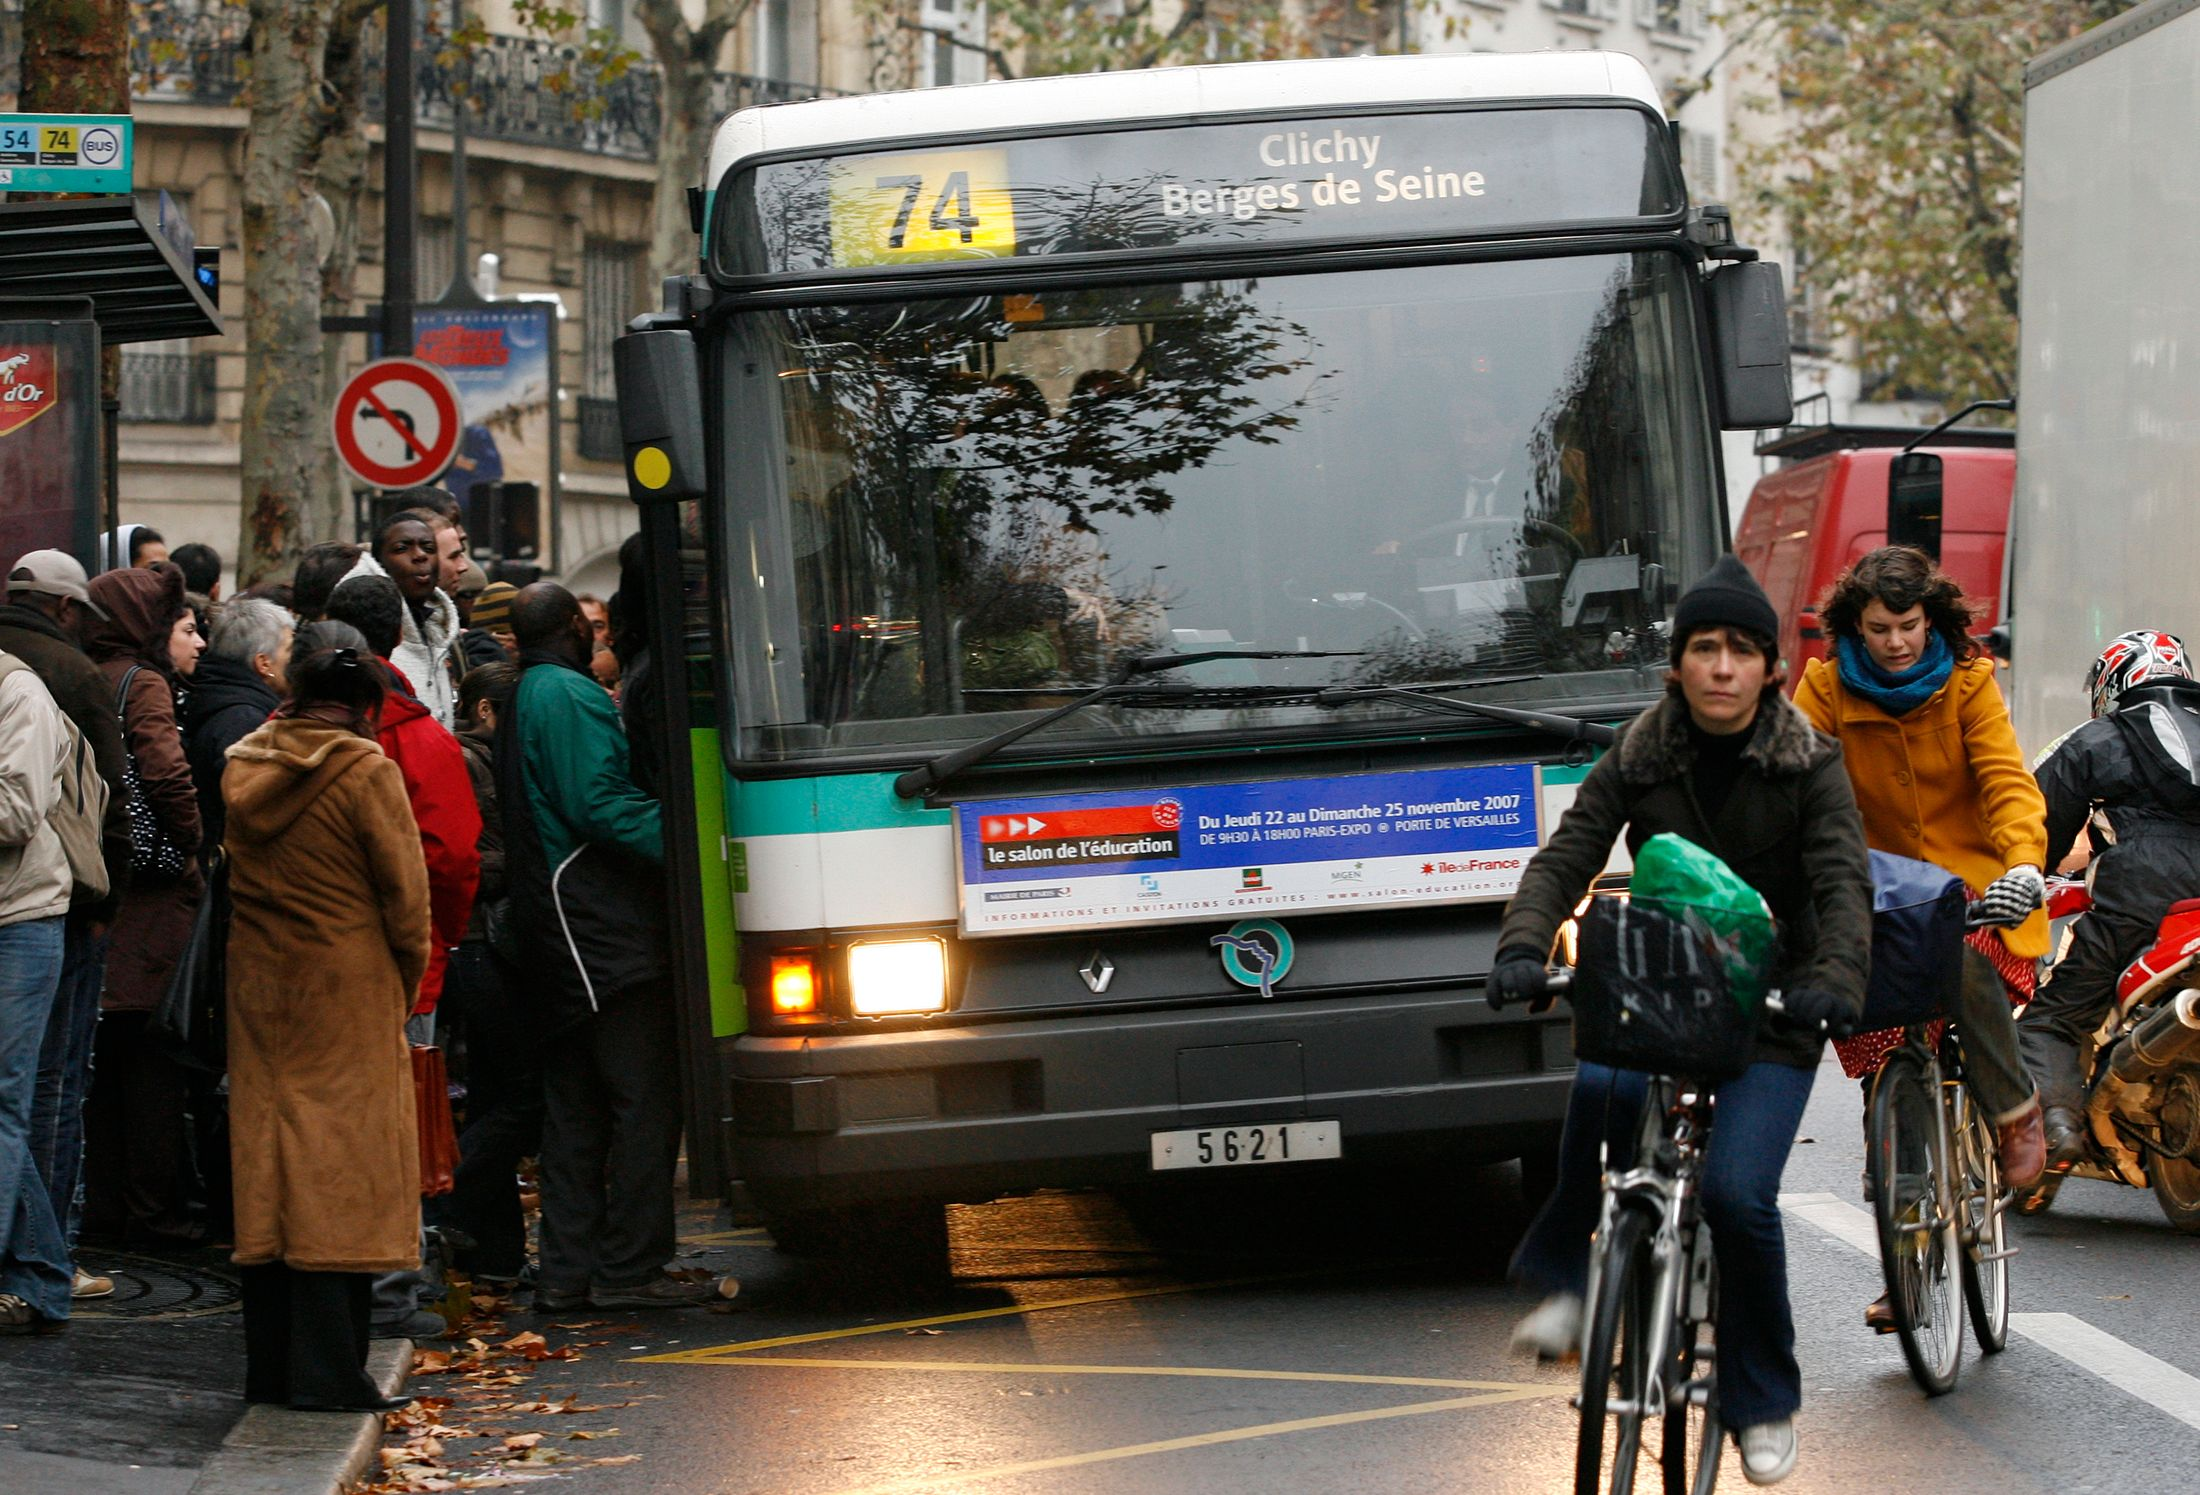 Le bus, cet indicateur de la bonne ou(souvent) mauvaise gestion desmaires